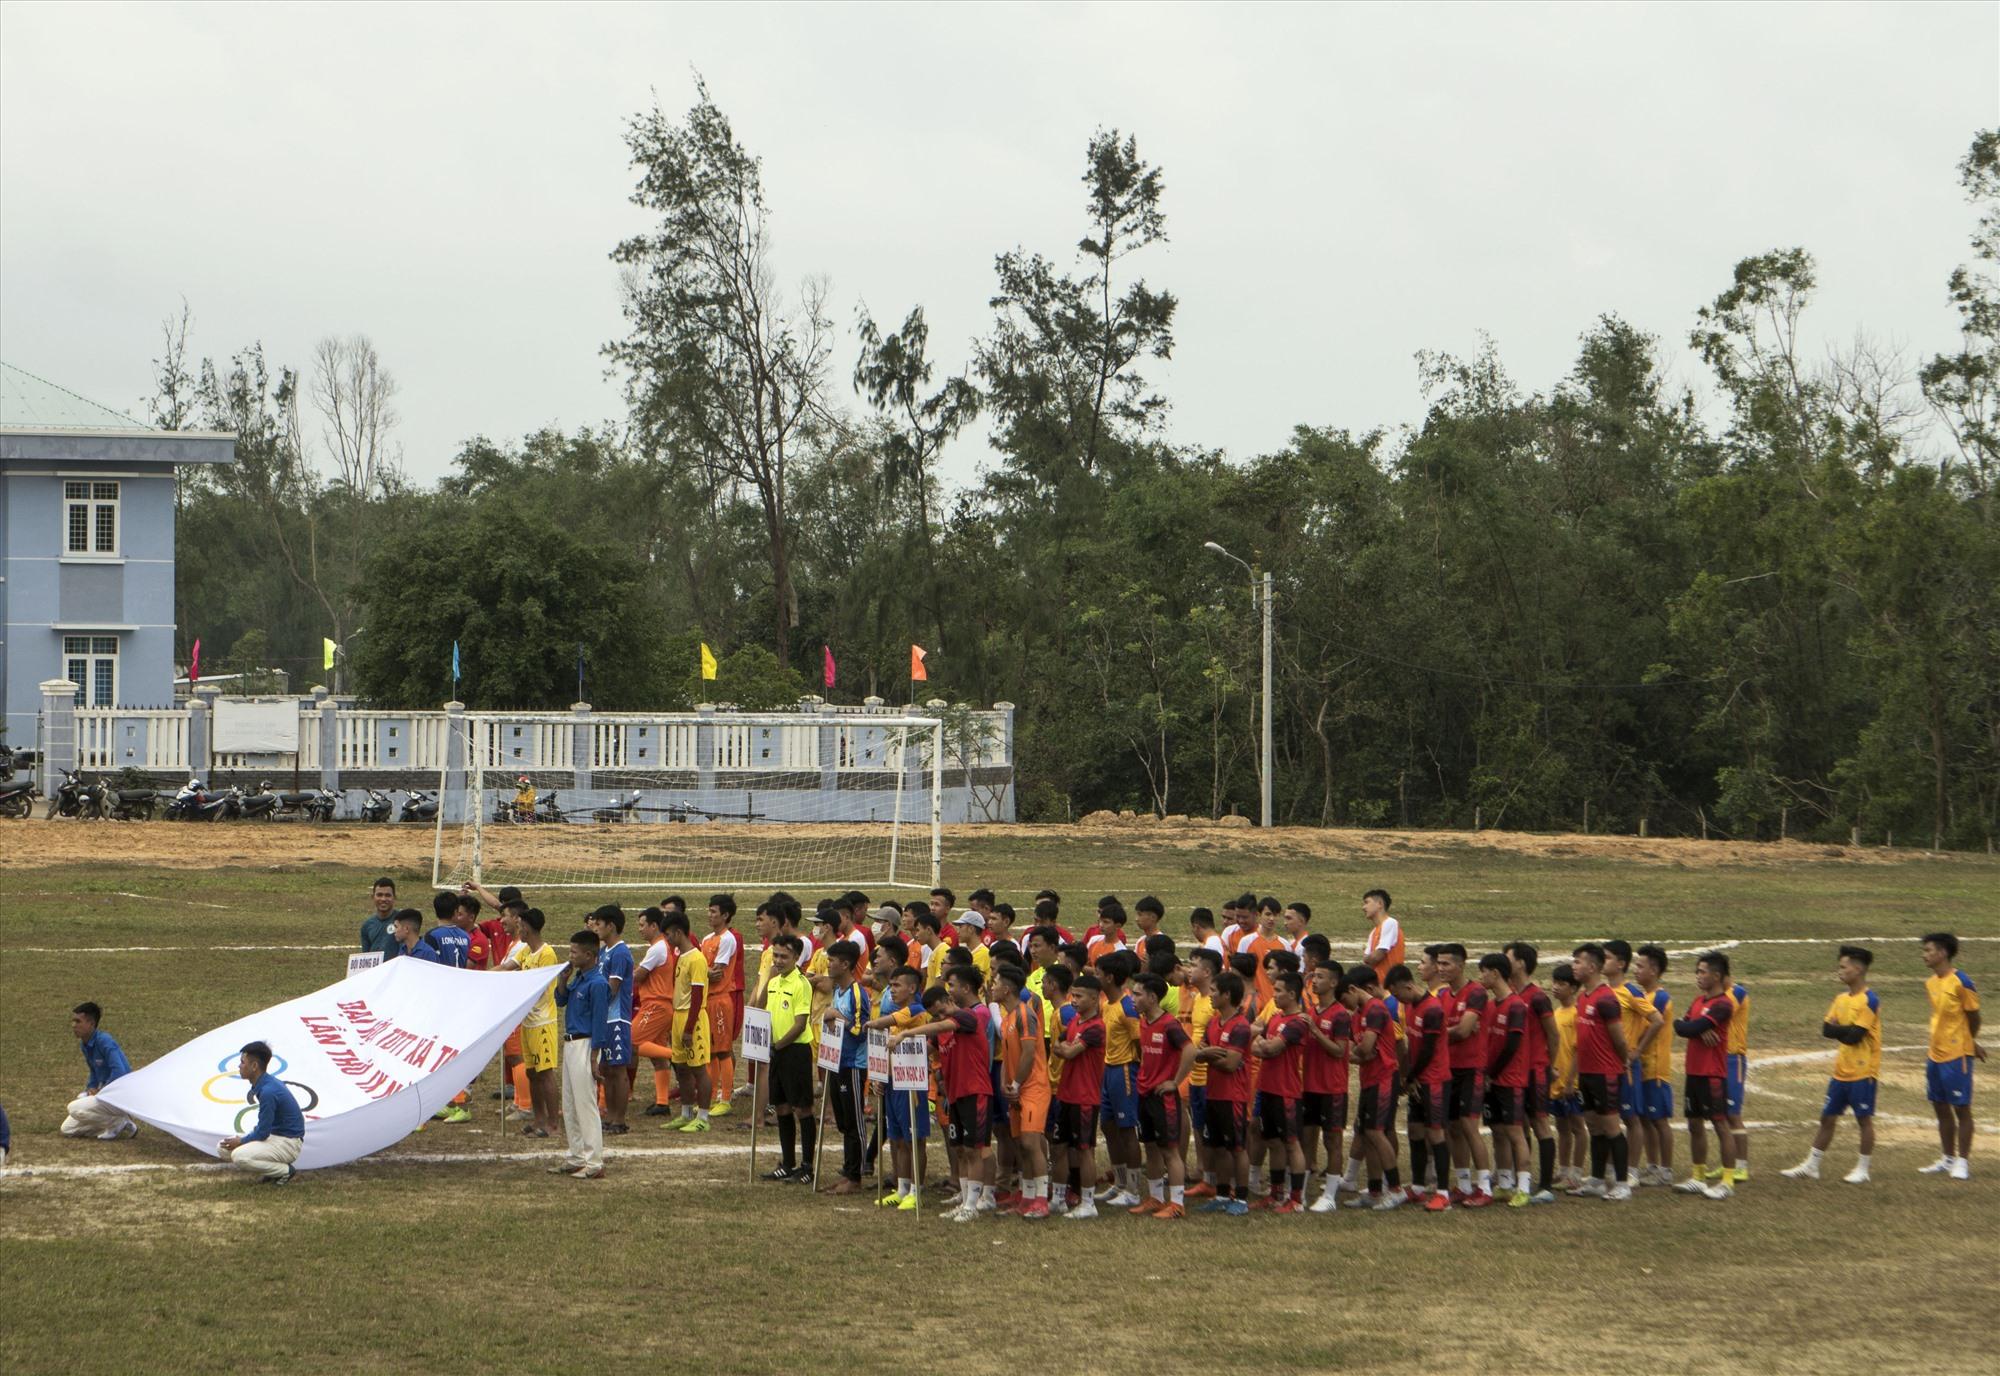 Quang cảnh khai mạc giải bóng đá U23 xã Tam Tiến. Ảnh: NGUYỄN ĐIỆN NGỌC